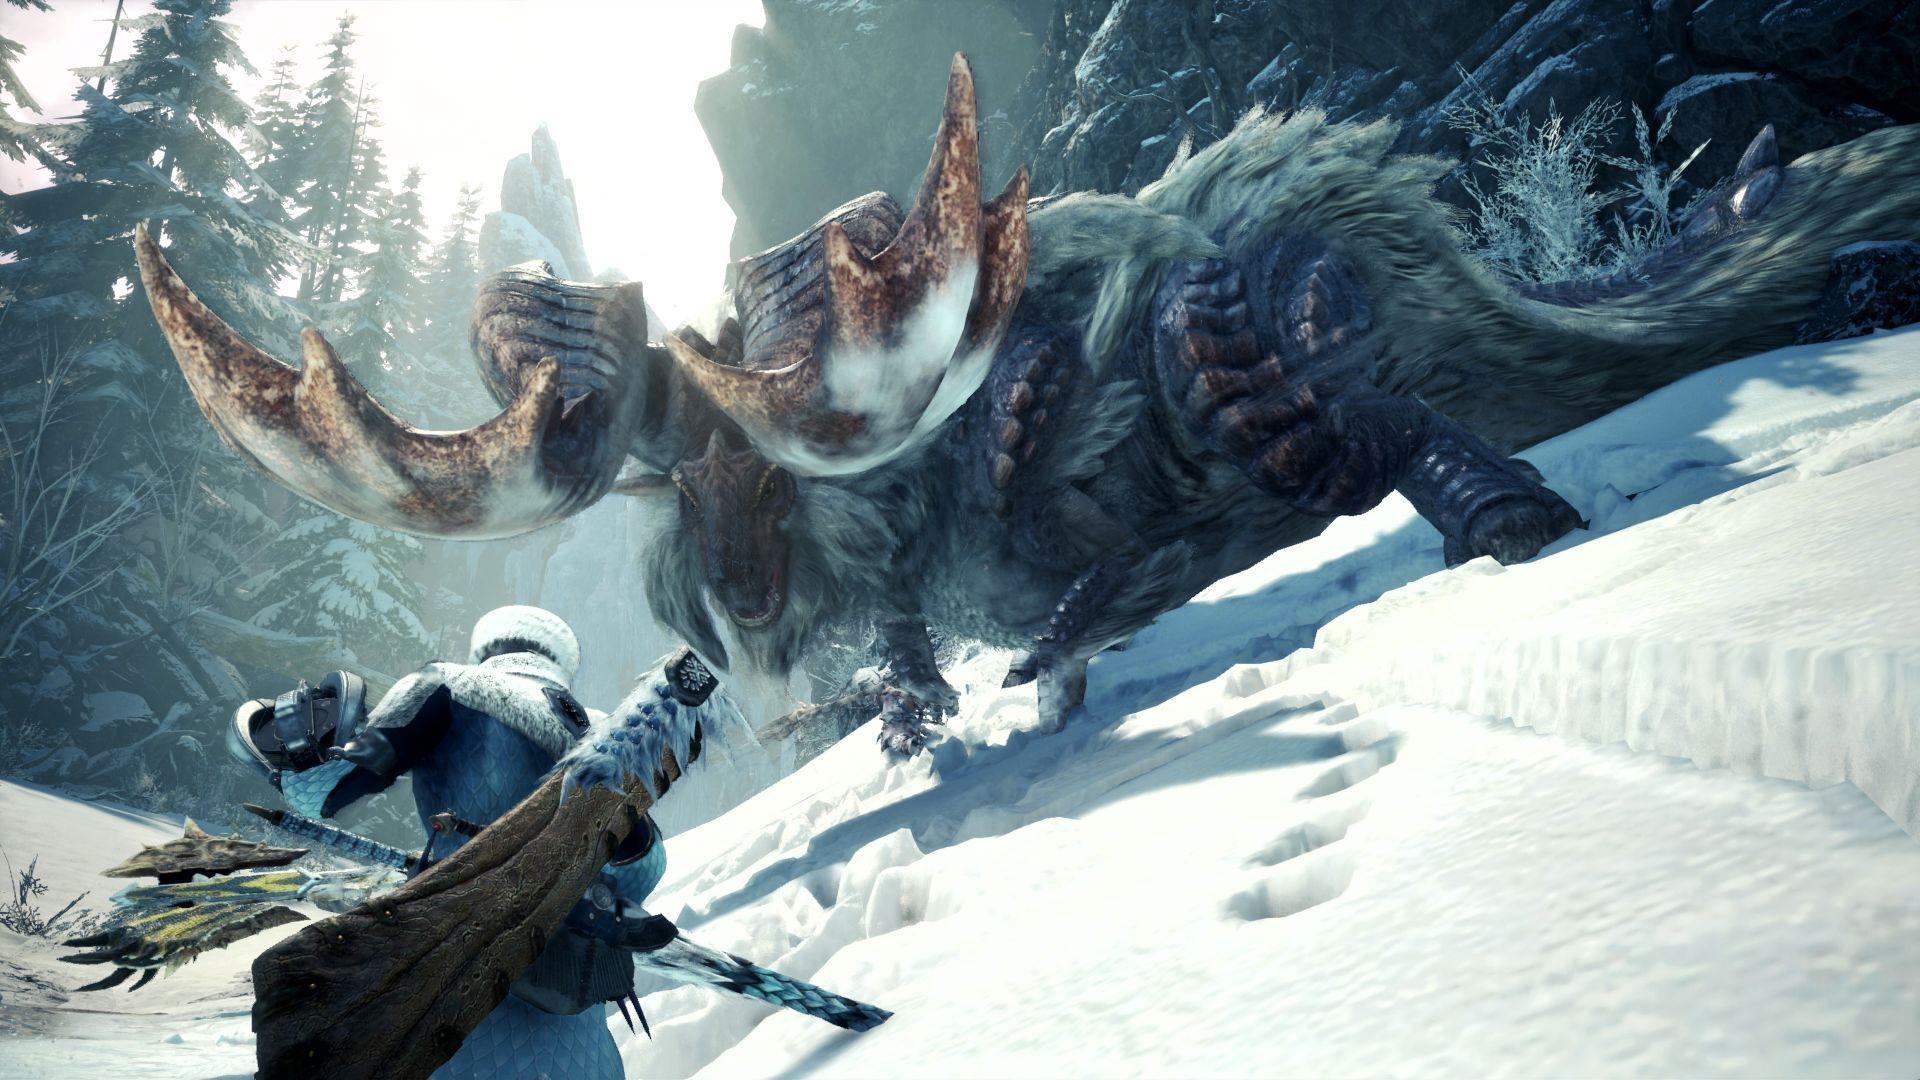 video game monster hunter world iceborne wallpaper 68443